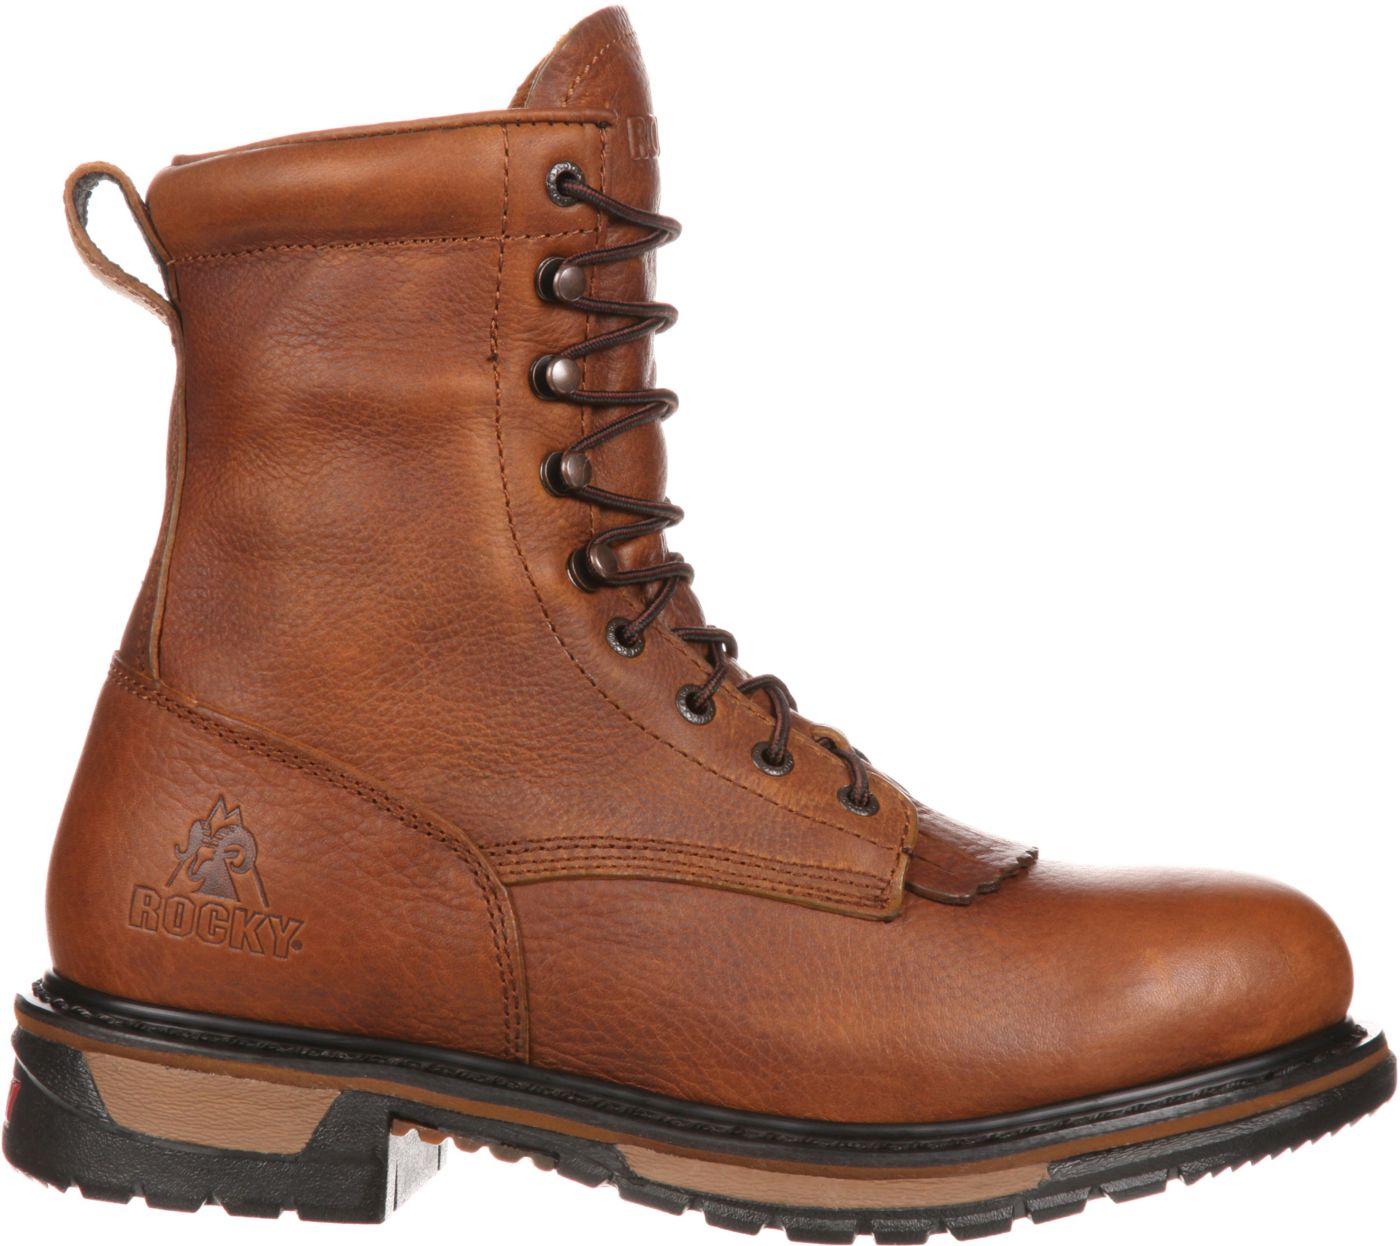 Rocky Men's Original Ride Lacer 8'' Waterproof Work Boots